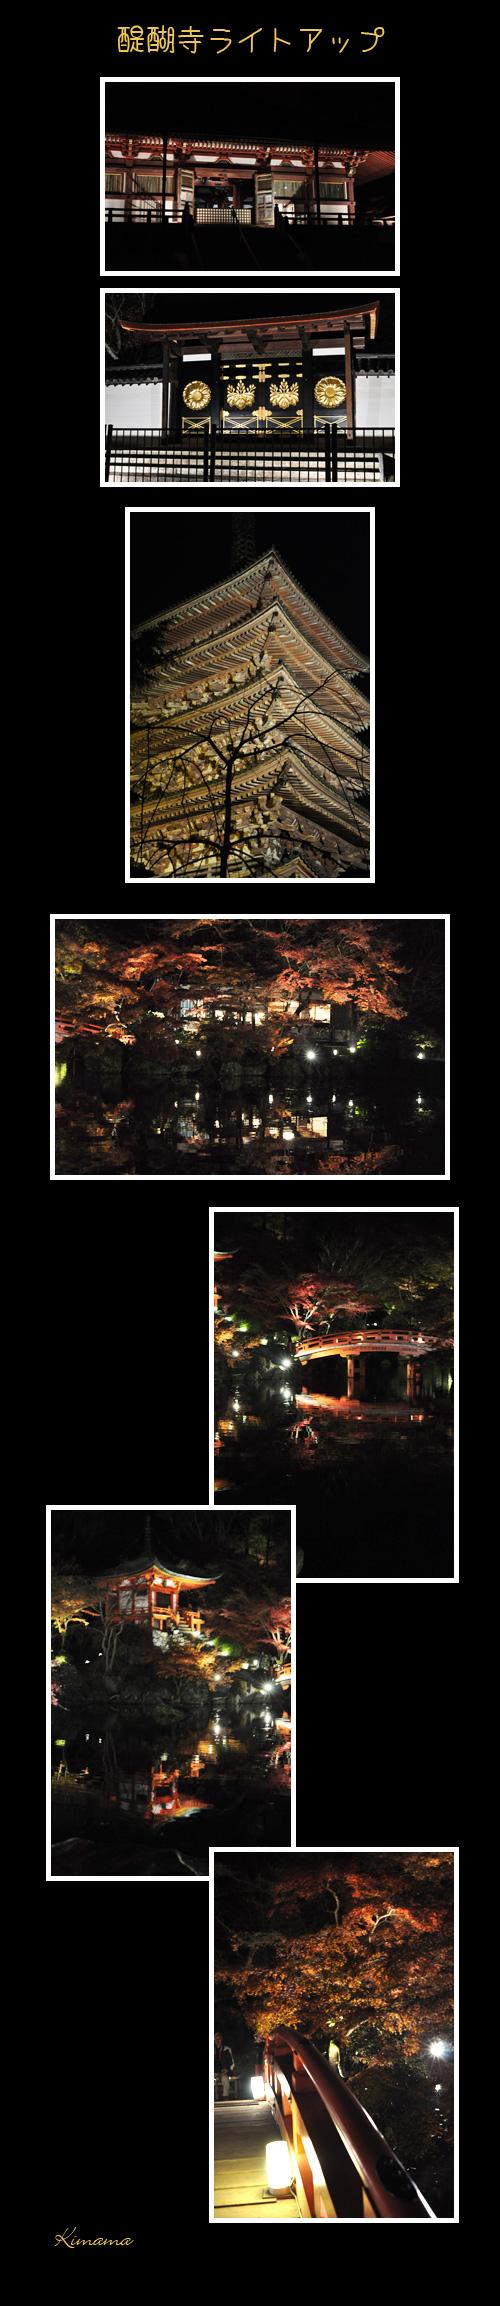 12月14日醍醐寺